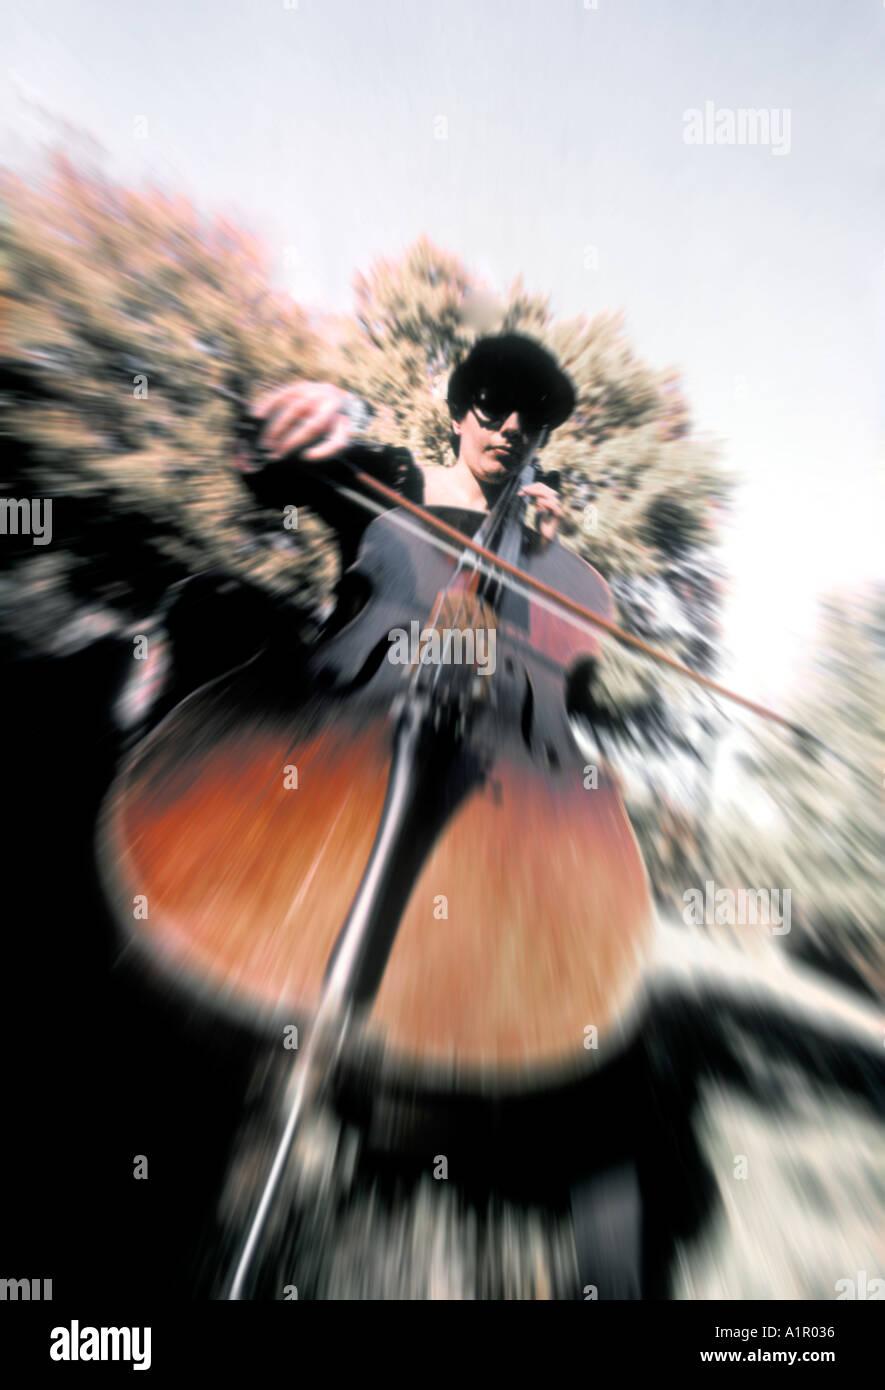 Femme jouant de la musique violoncelle Photo Stock